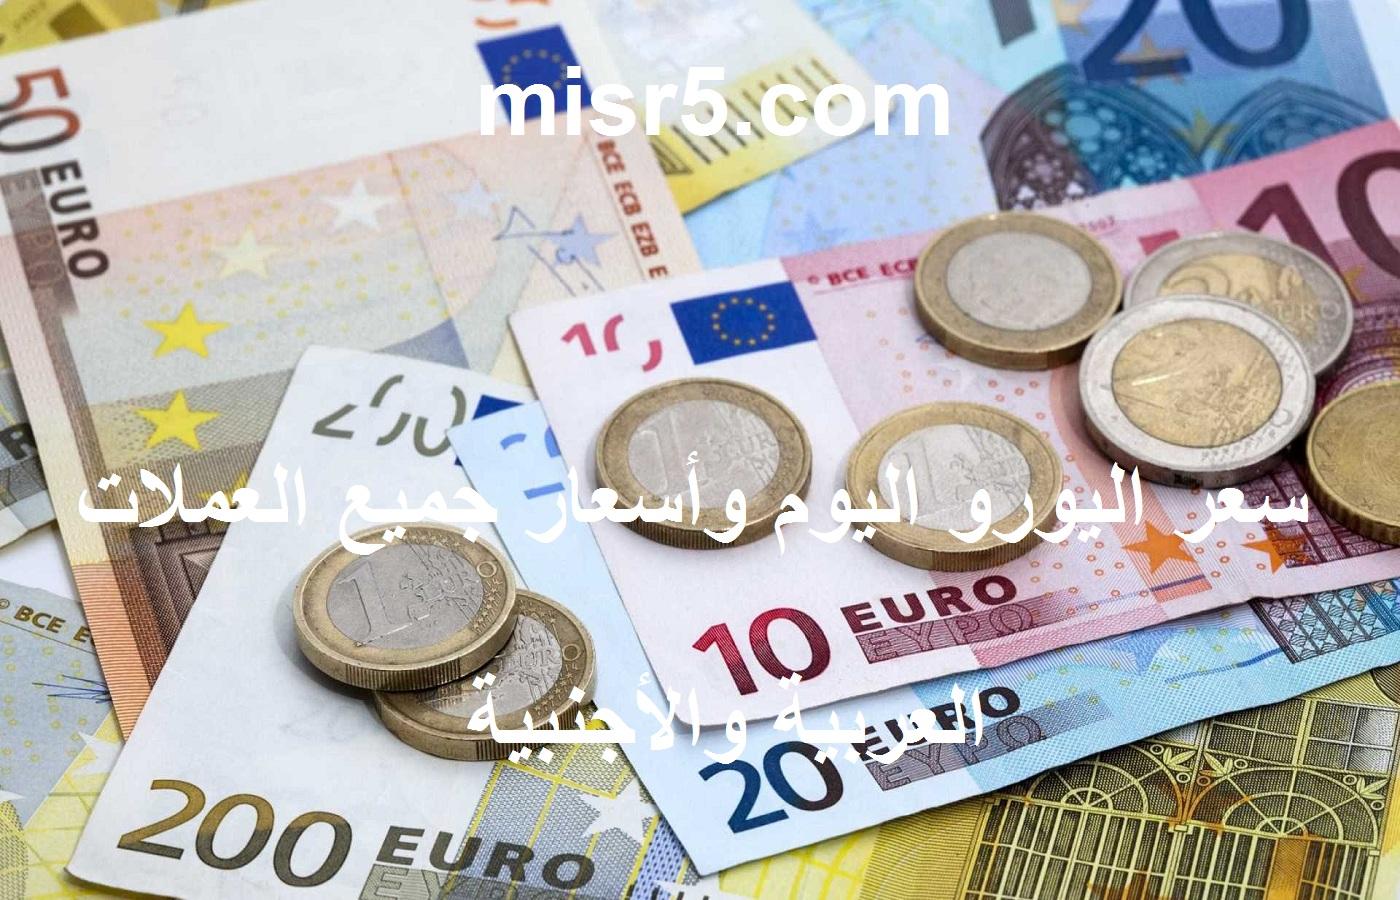 سعر اليورو اليوم الإثنين 5 يوليو 2021 وأسعار العملات العربية والأجنبية 2